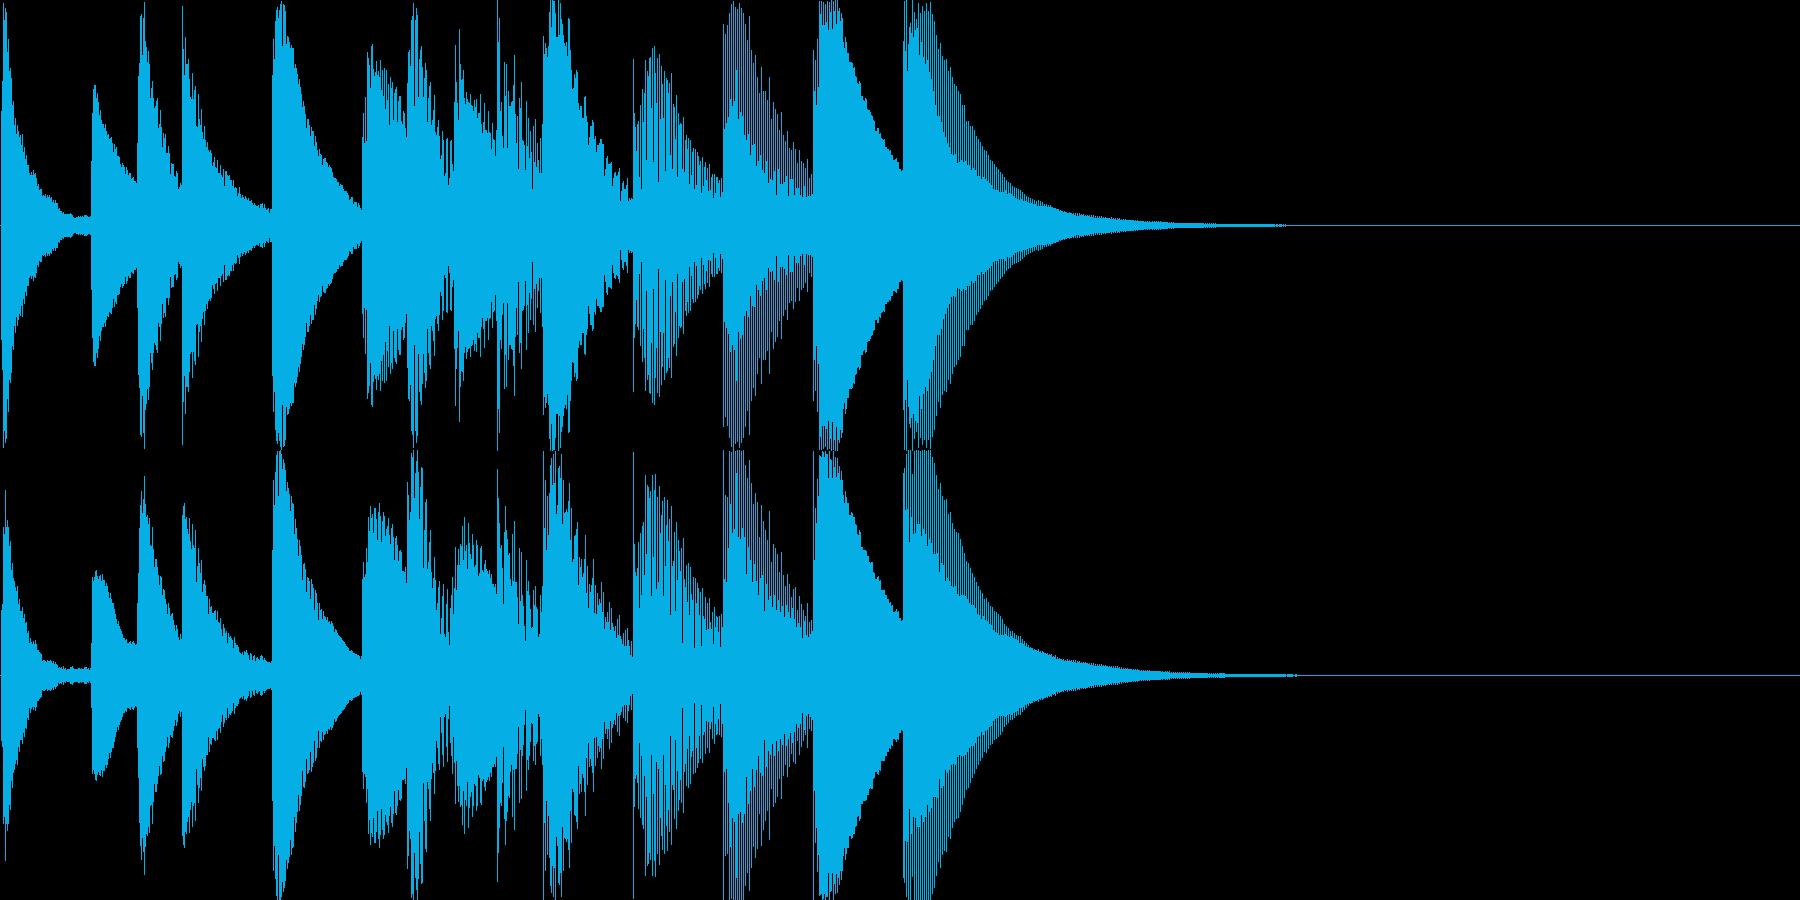 中国的なマリンバのジングルの再生済みの波形